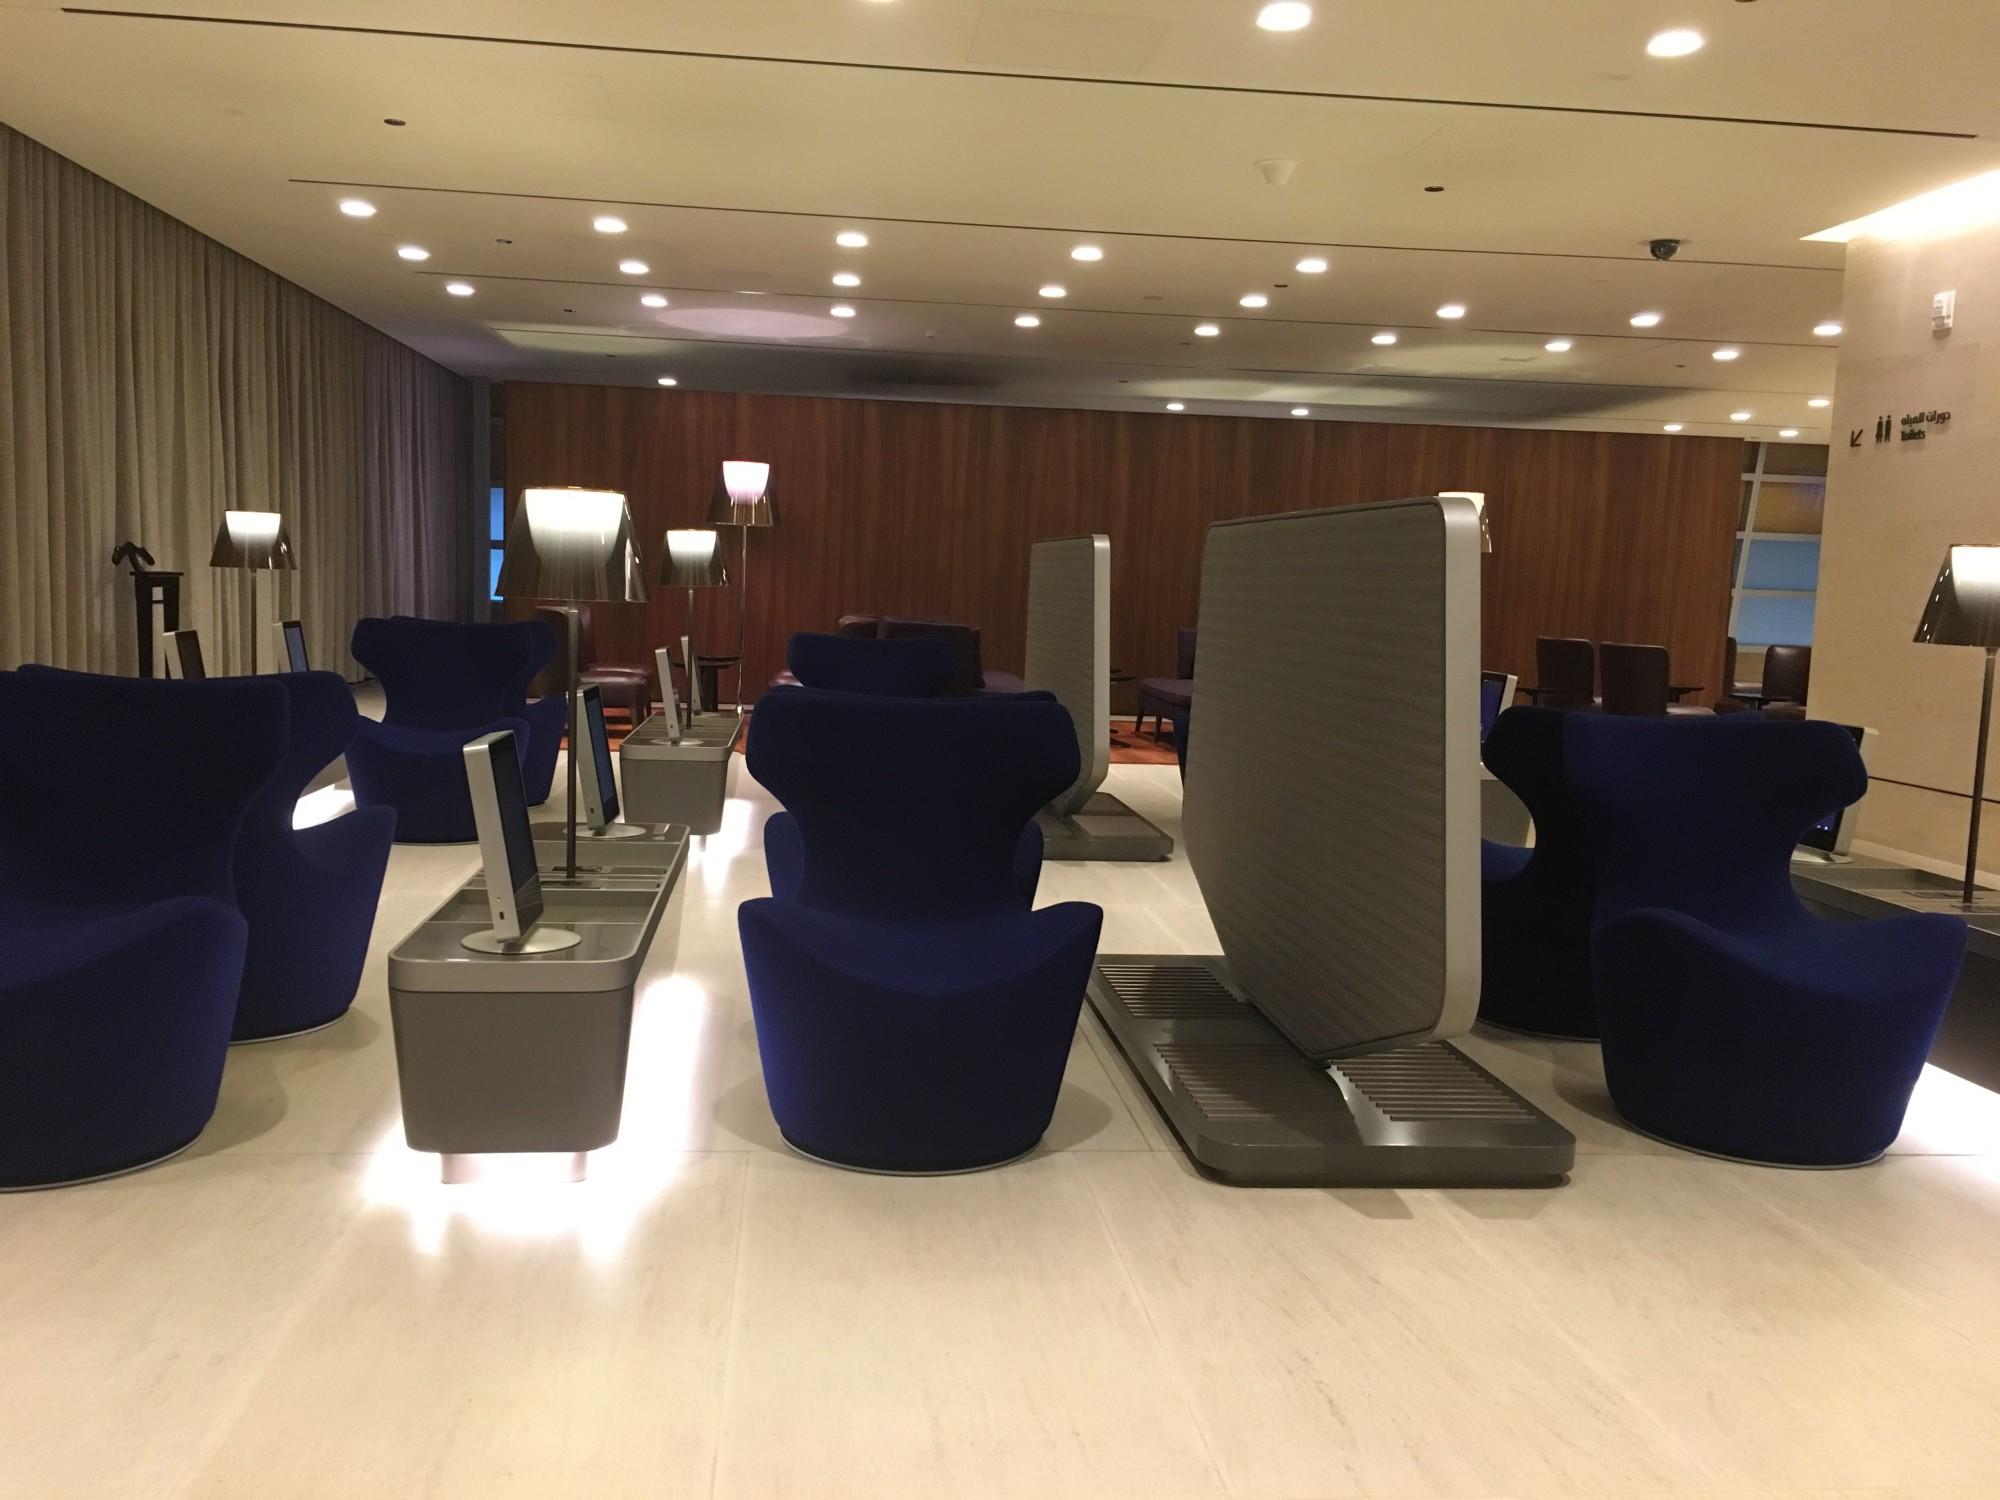 Doh al maha arrival lounge reviews photos terminal 1 hamad doh al maha arrival lounge reviews photos terminal 1 hamad international airport loungebuddy m4hsunfo